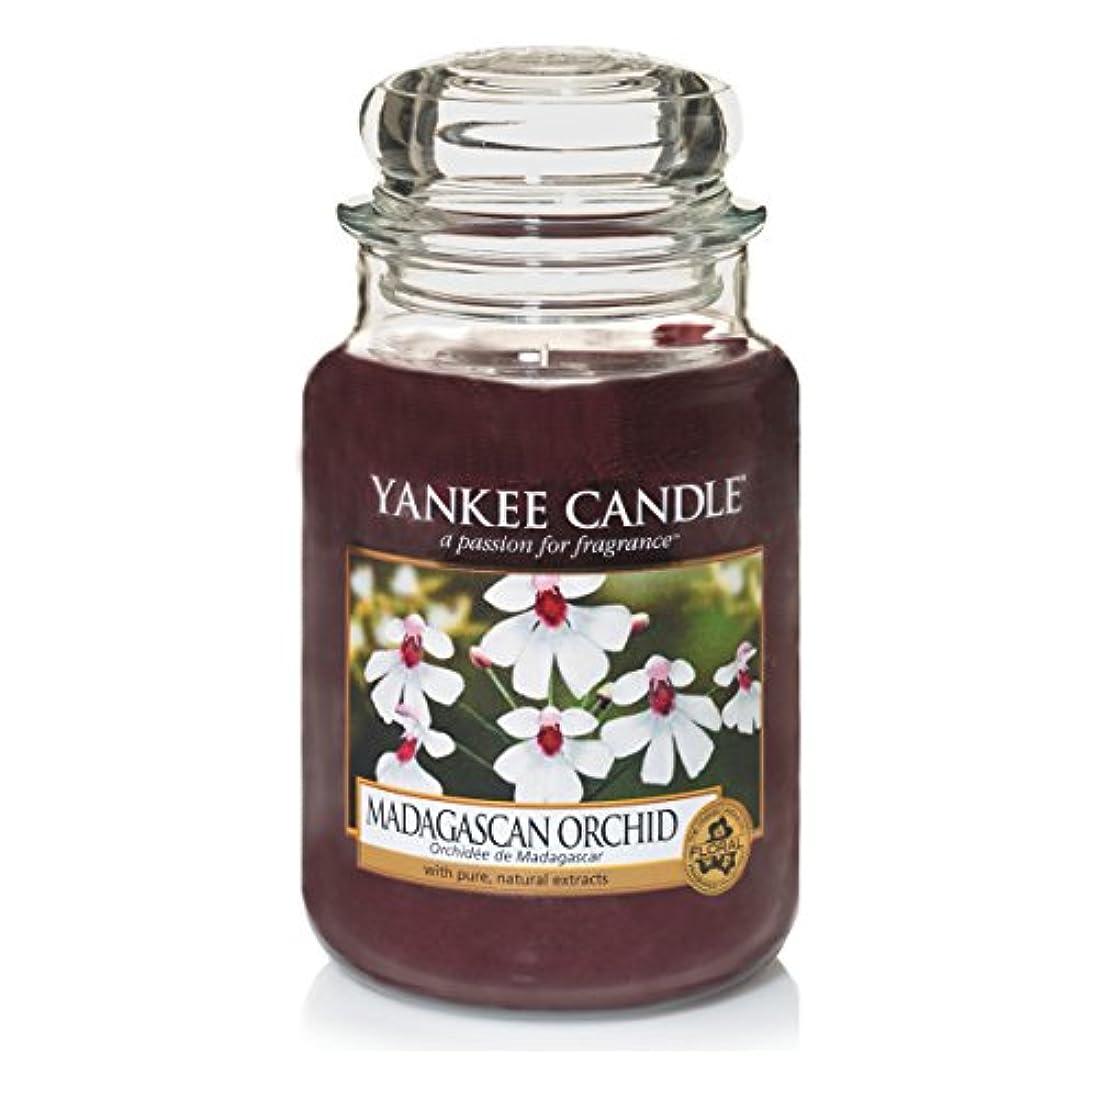 胸ギャロップ支援するYankee Candle Large Jar Candle, Madagascan Orchid by Yankee Candle